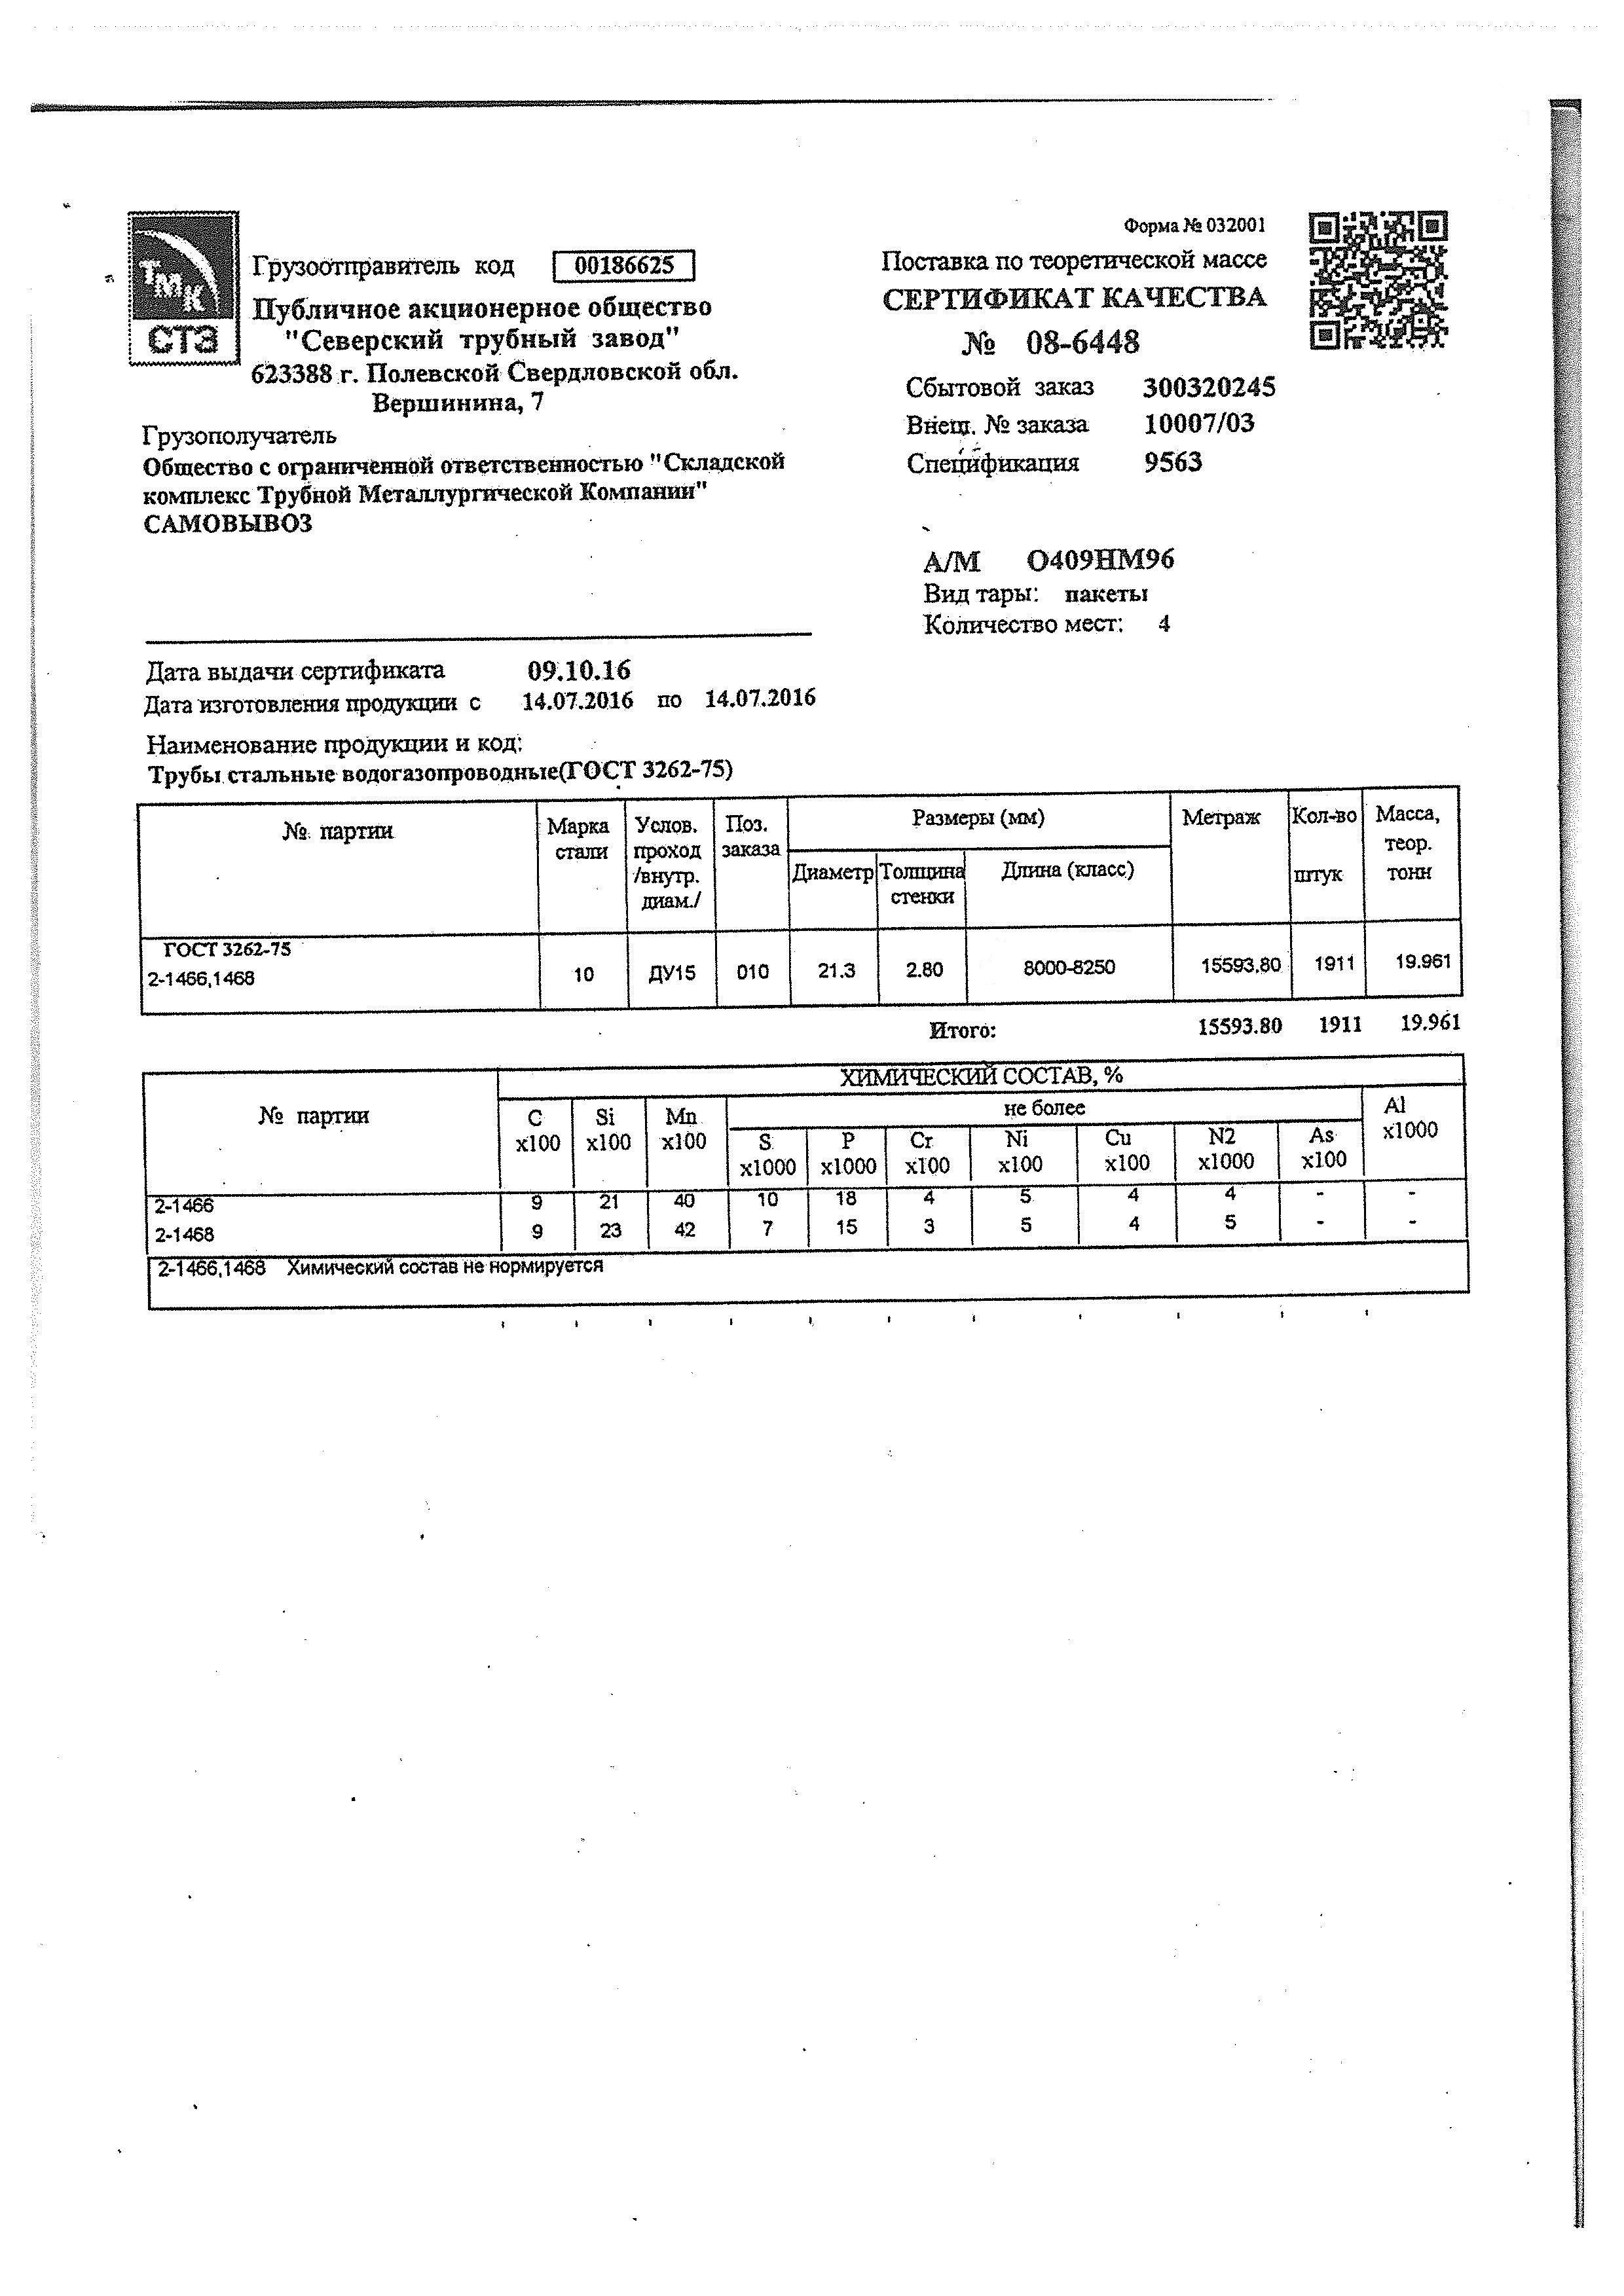 Труба 89*3 гост 10704-91 сертификат получение сертификата знания английского языка